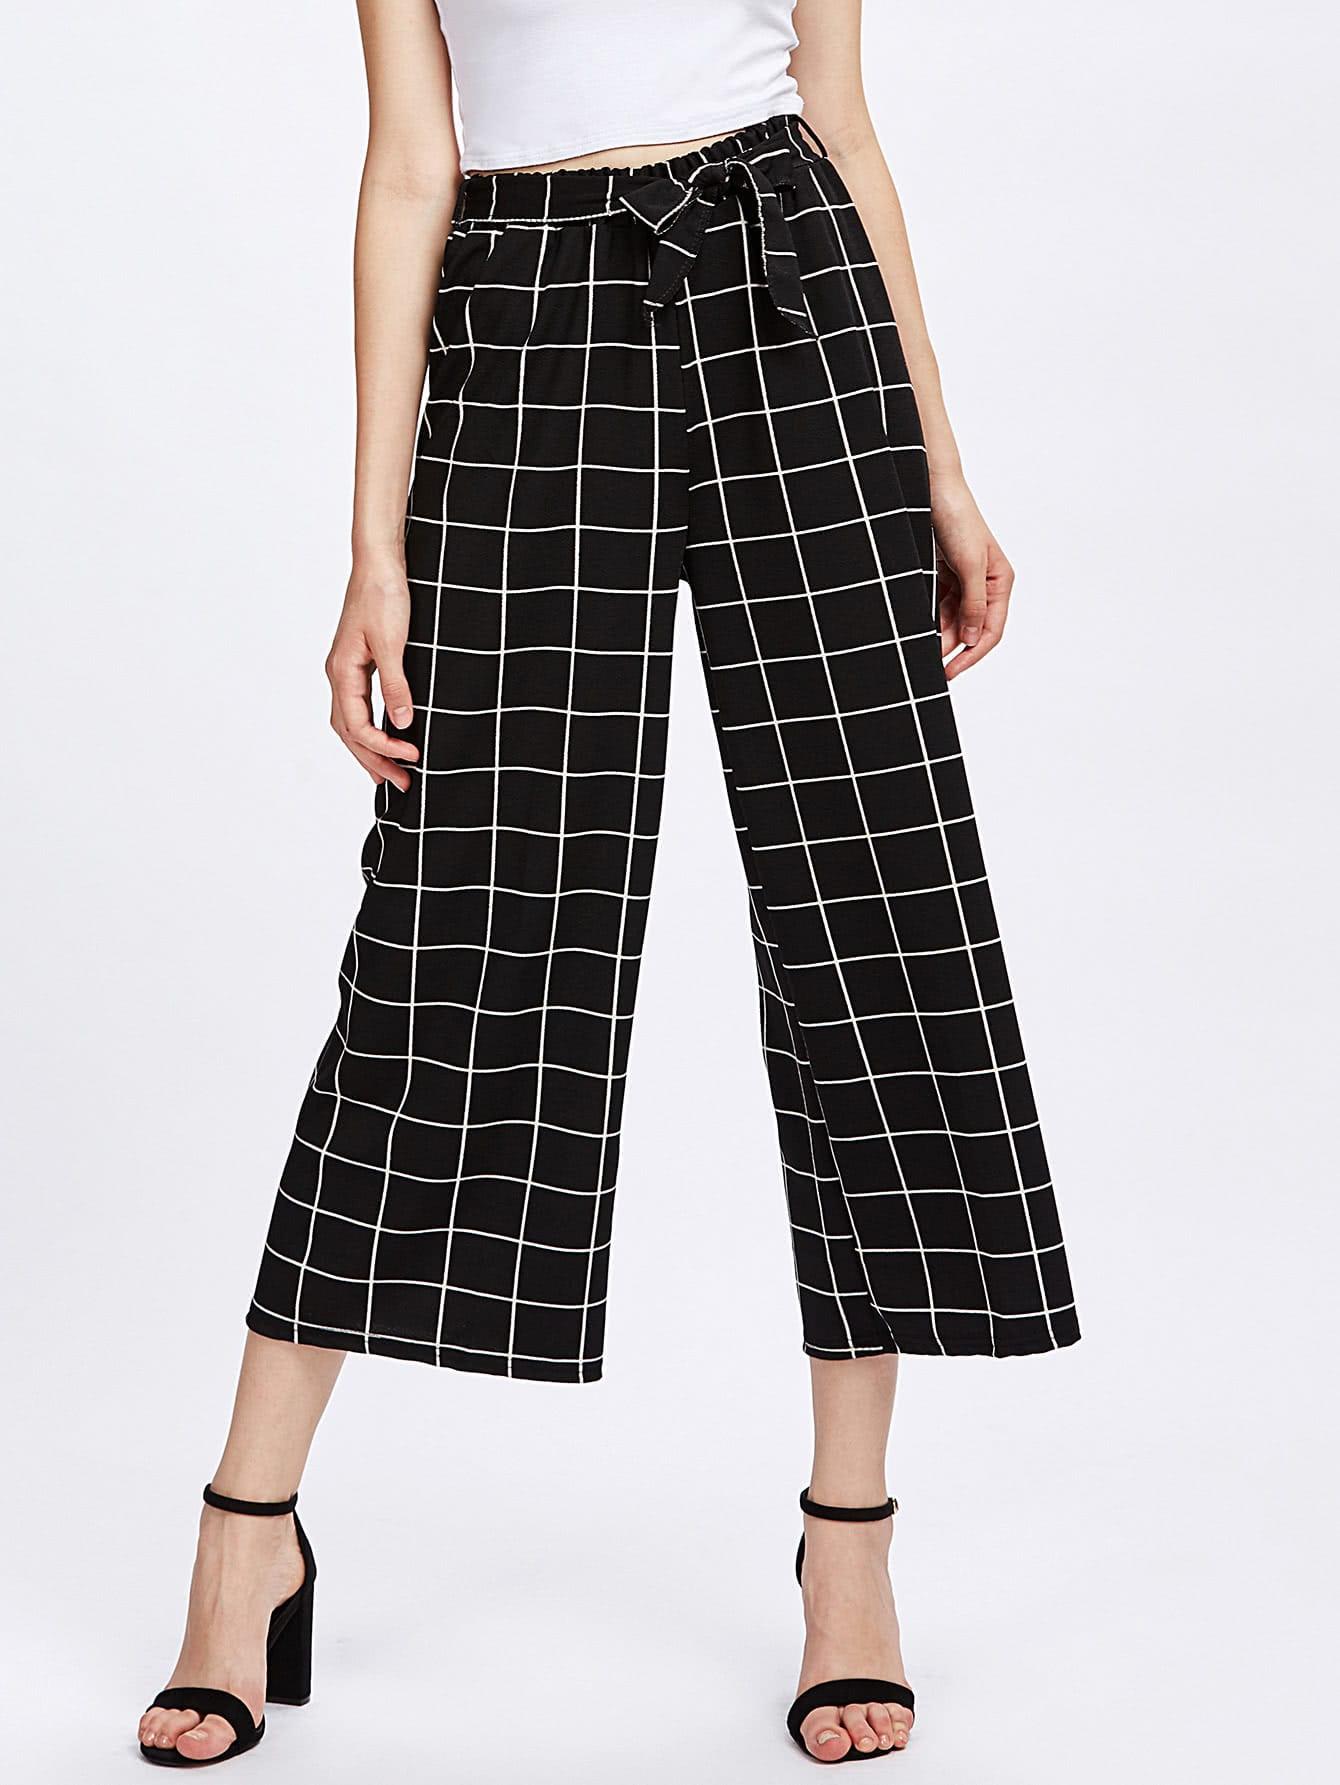 Grid Print Self Tie Wide Leg Pants